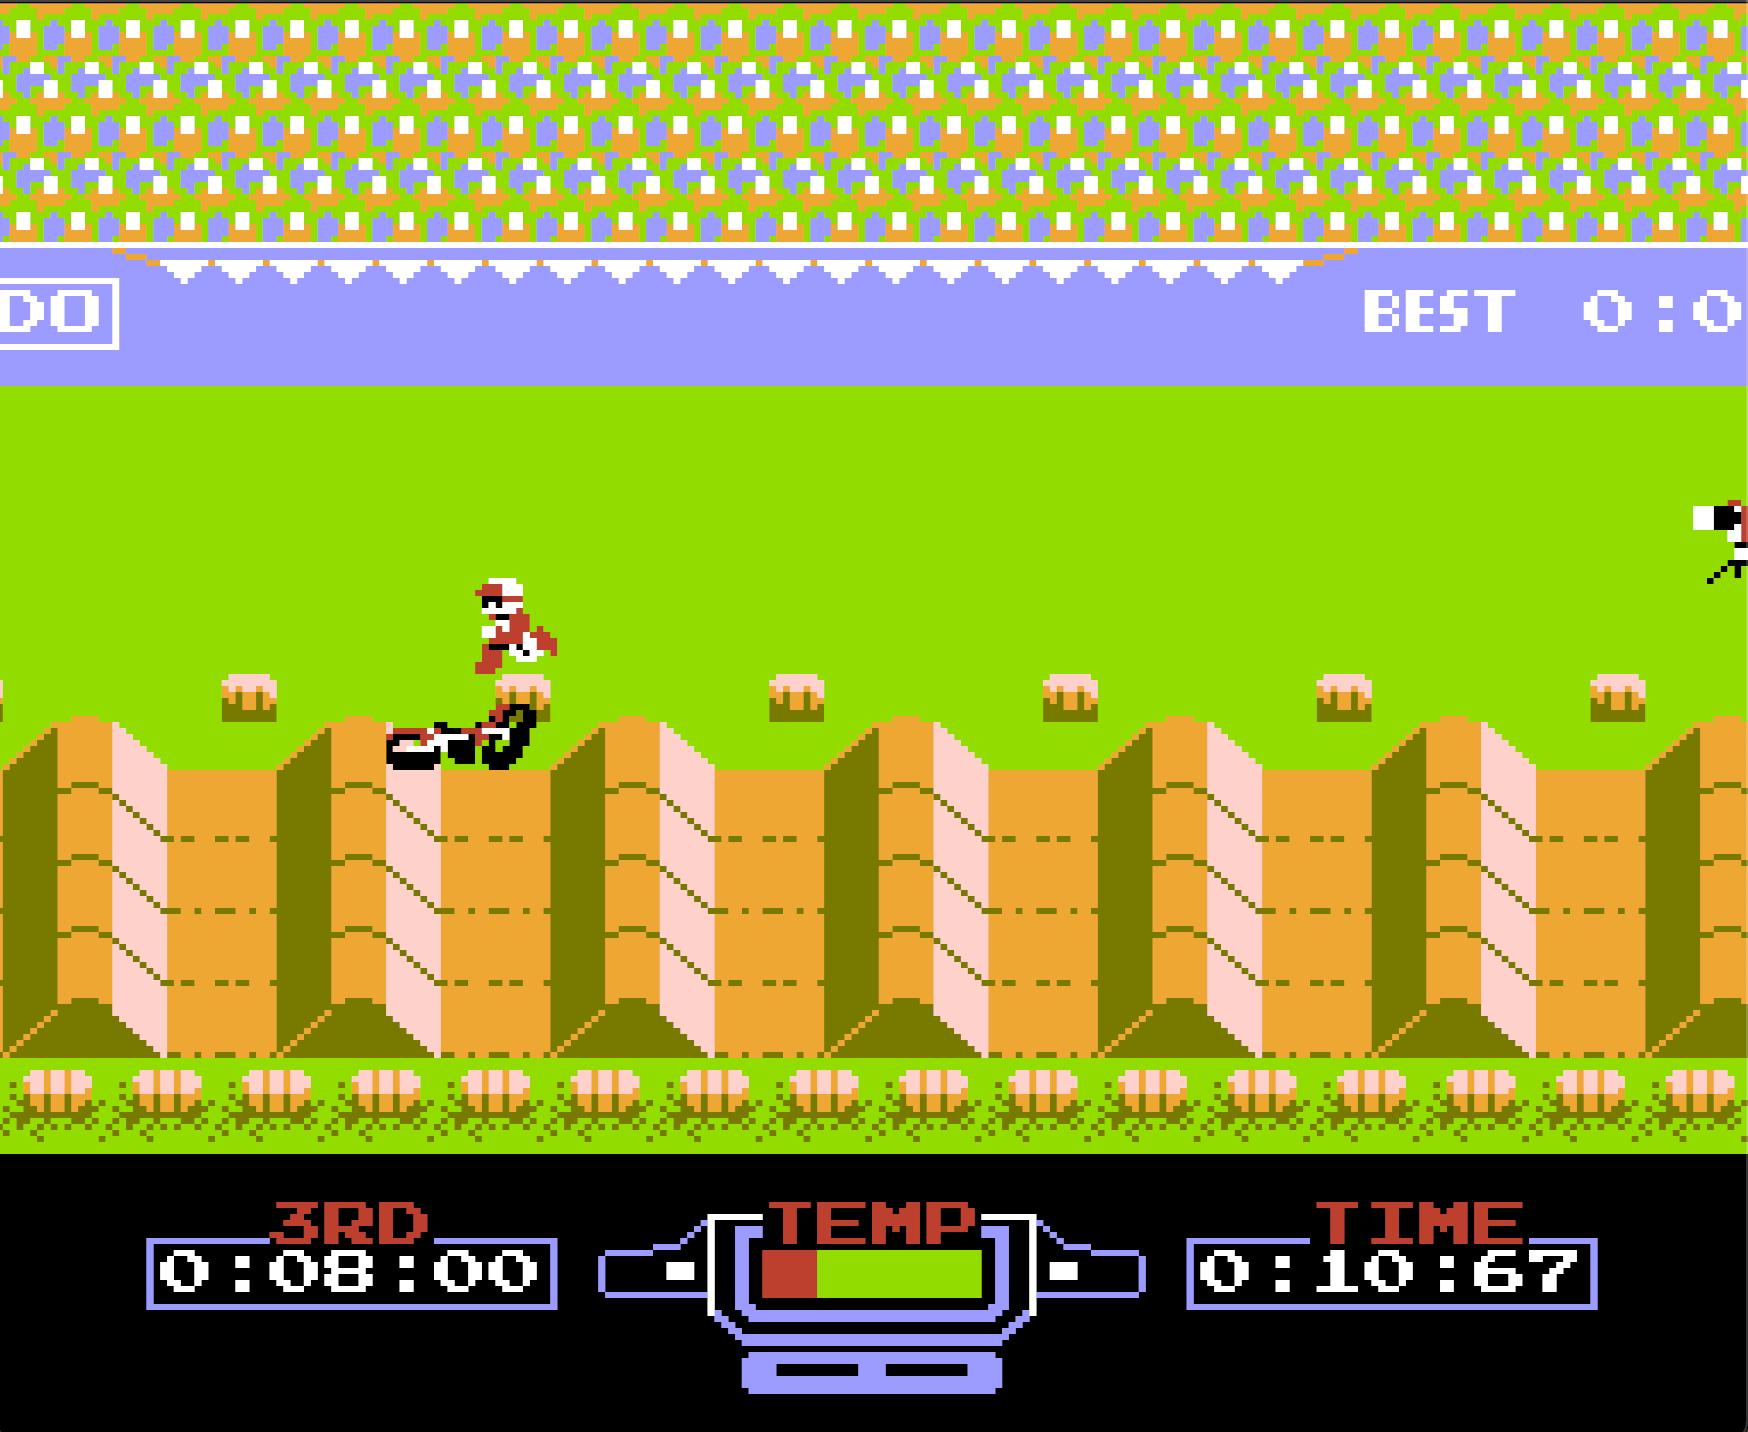 ファミコン用バイクゲーム『エキサイトバイク』が生まれた時代背景、バイクが子どもたちの身近にあった80年代の思い出の画像008